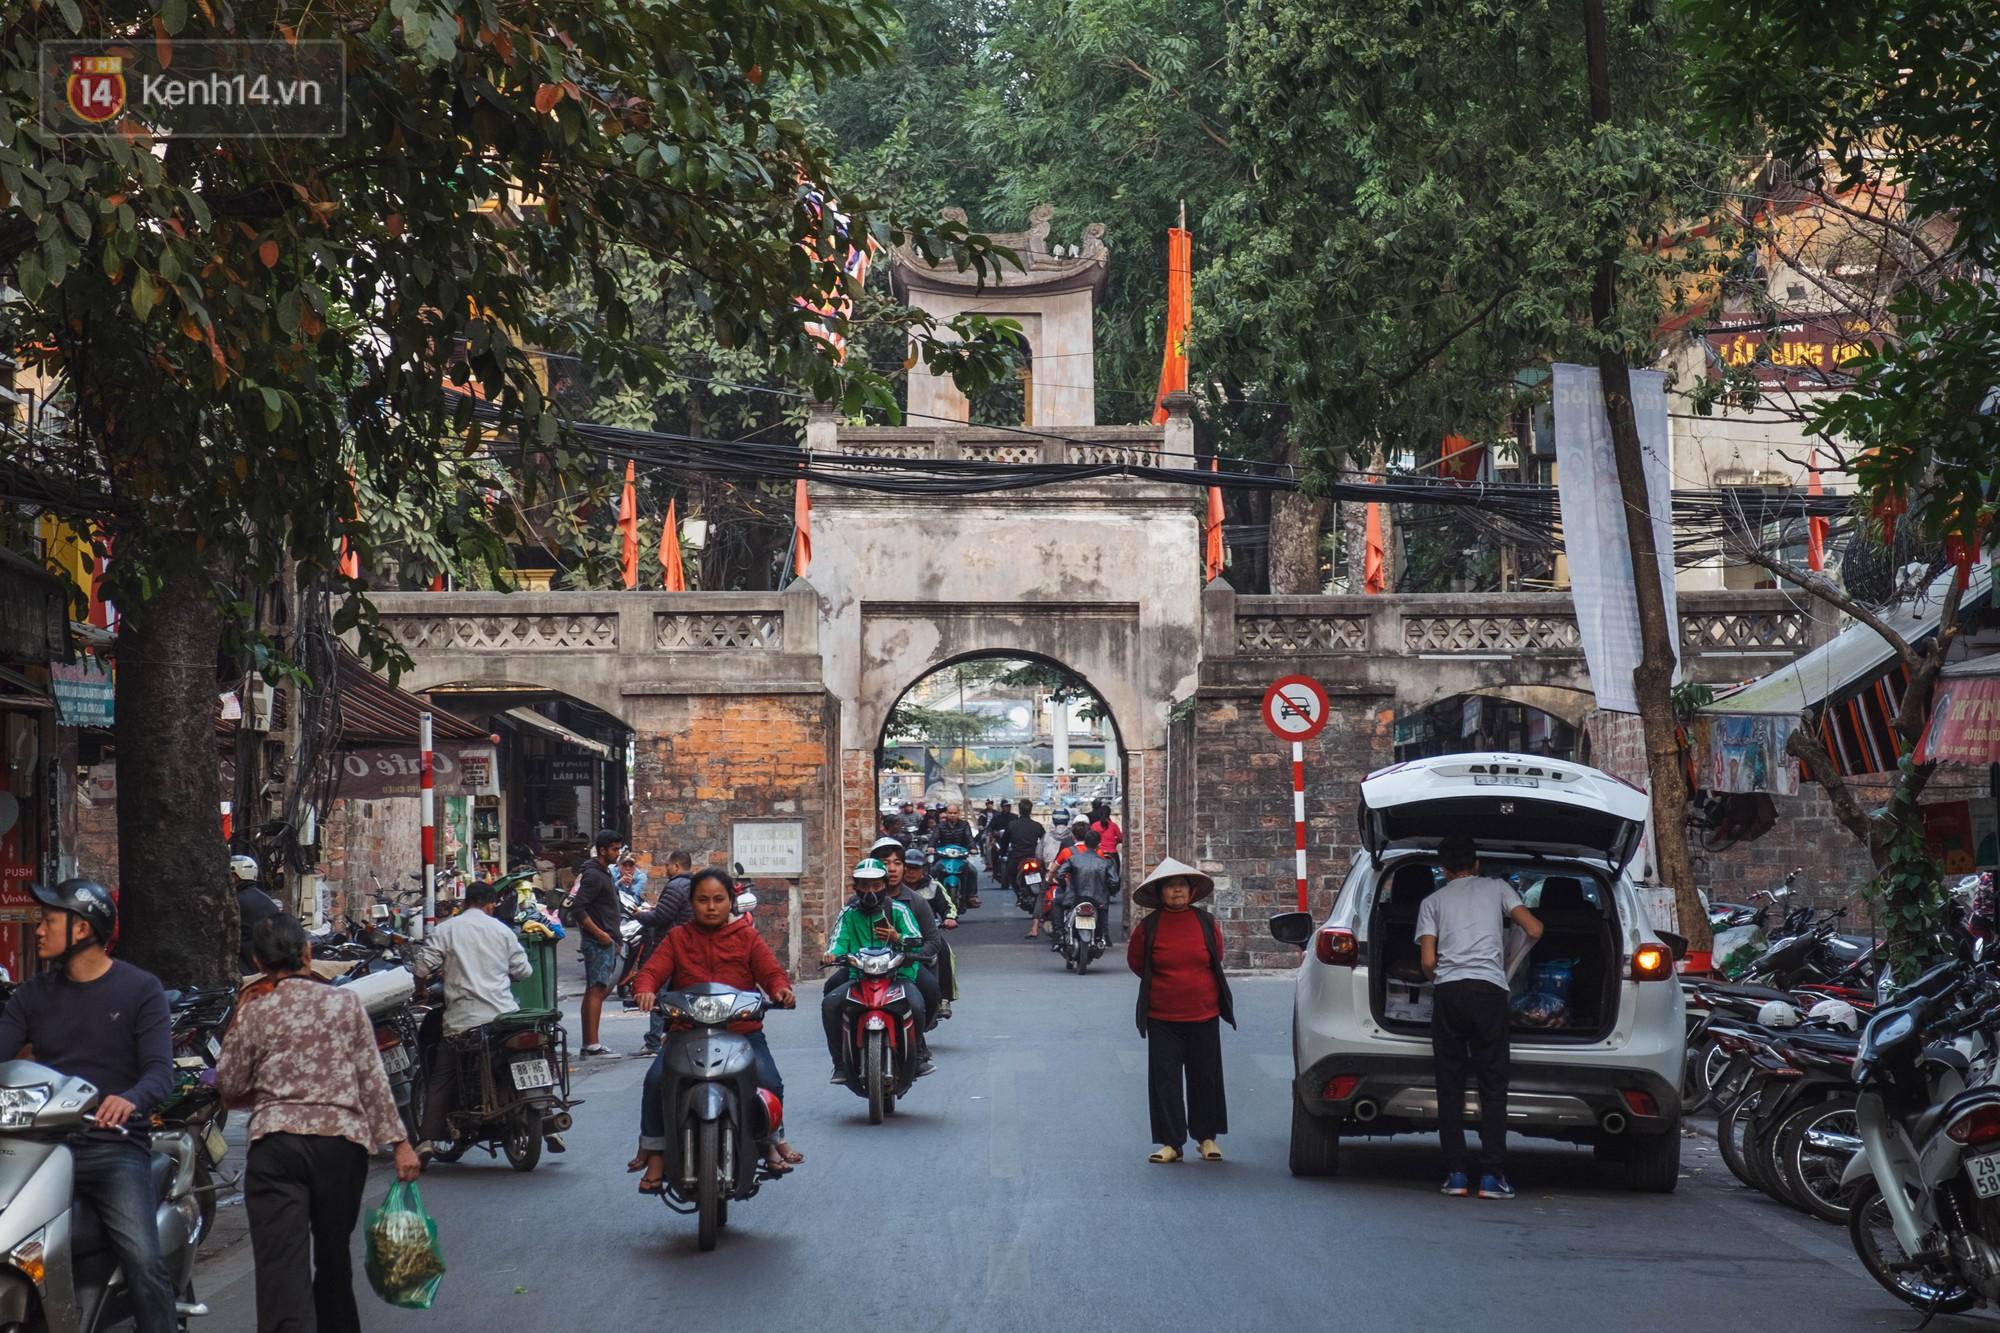 Chuyện người đàn ông ở Hà Nội 20 năm canh giữ cửa ô duy nhất còn lại của kinh thành Thăng Long xưa 1